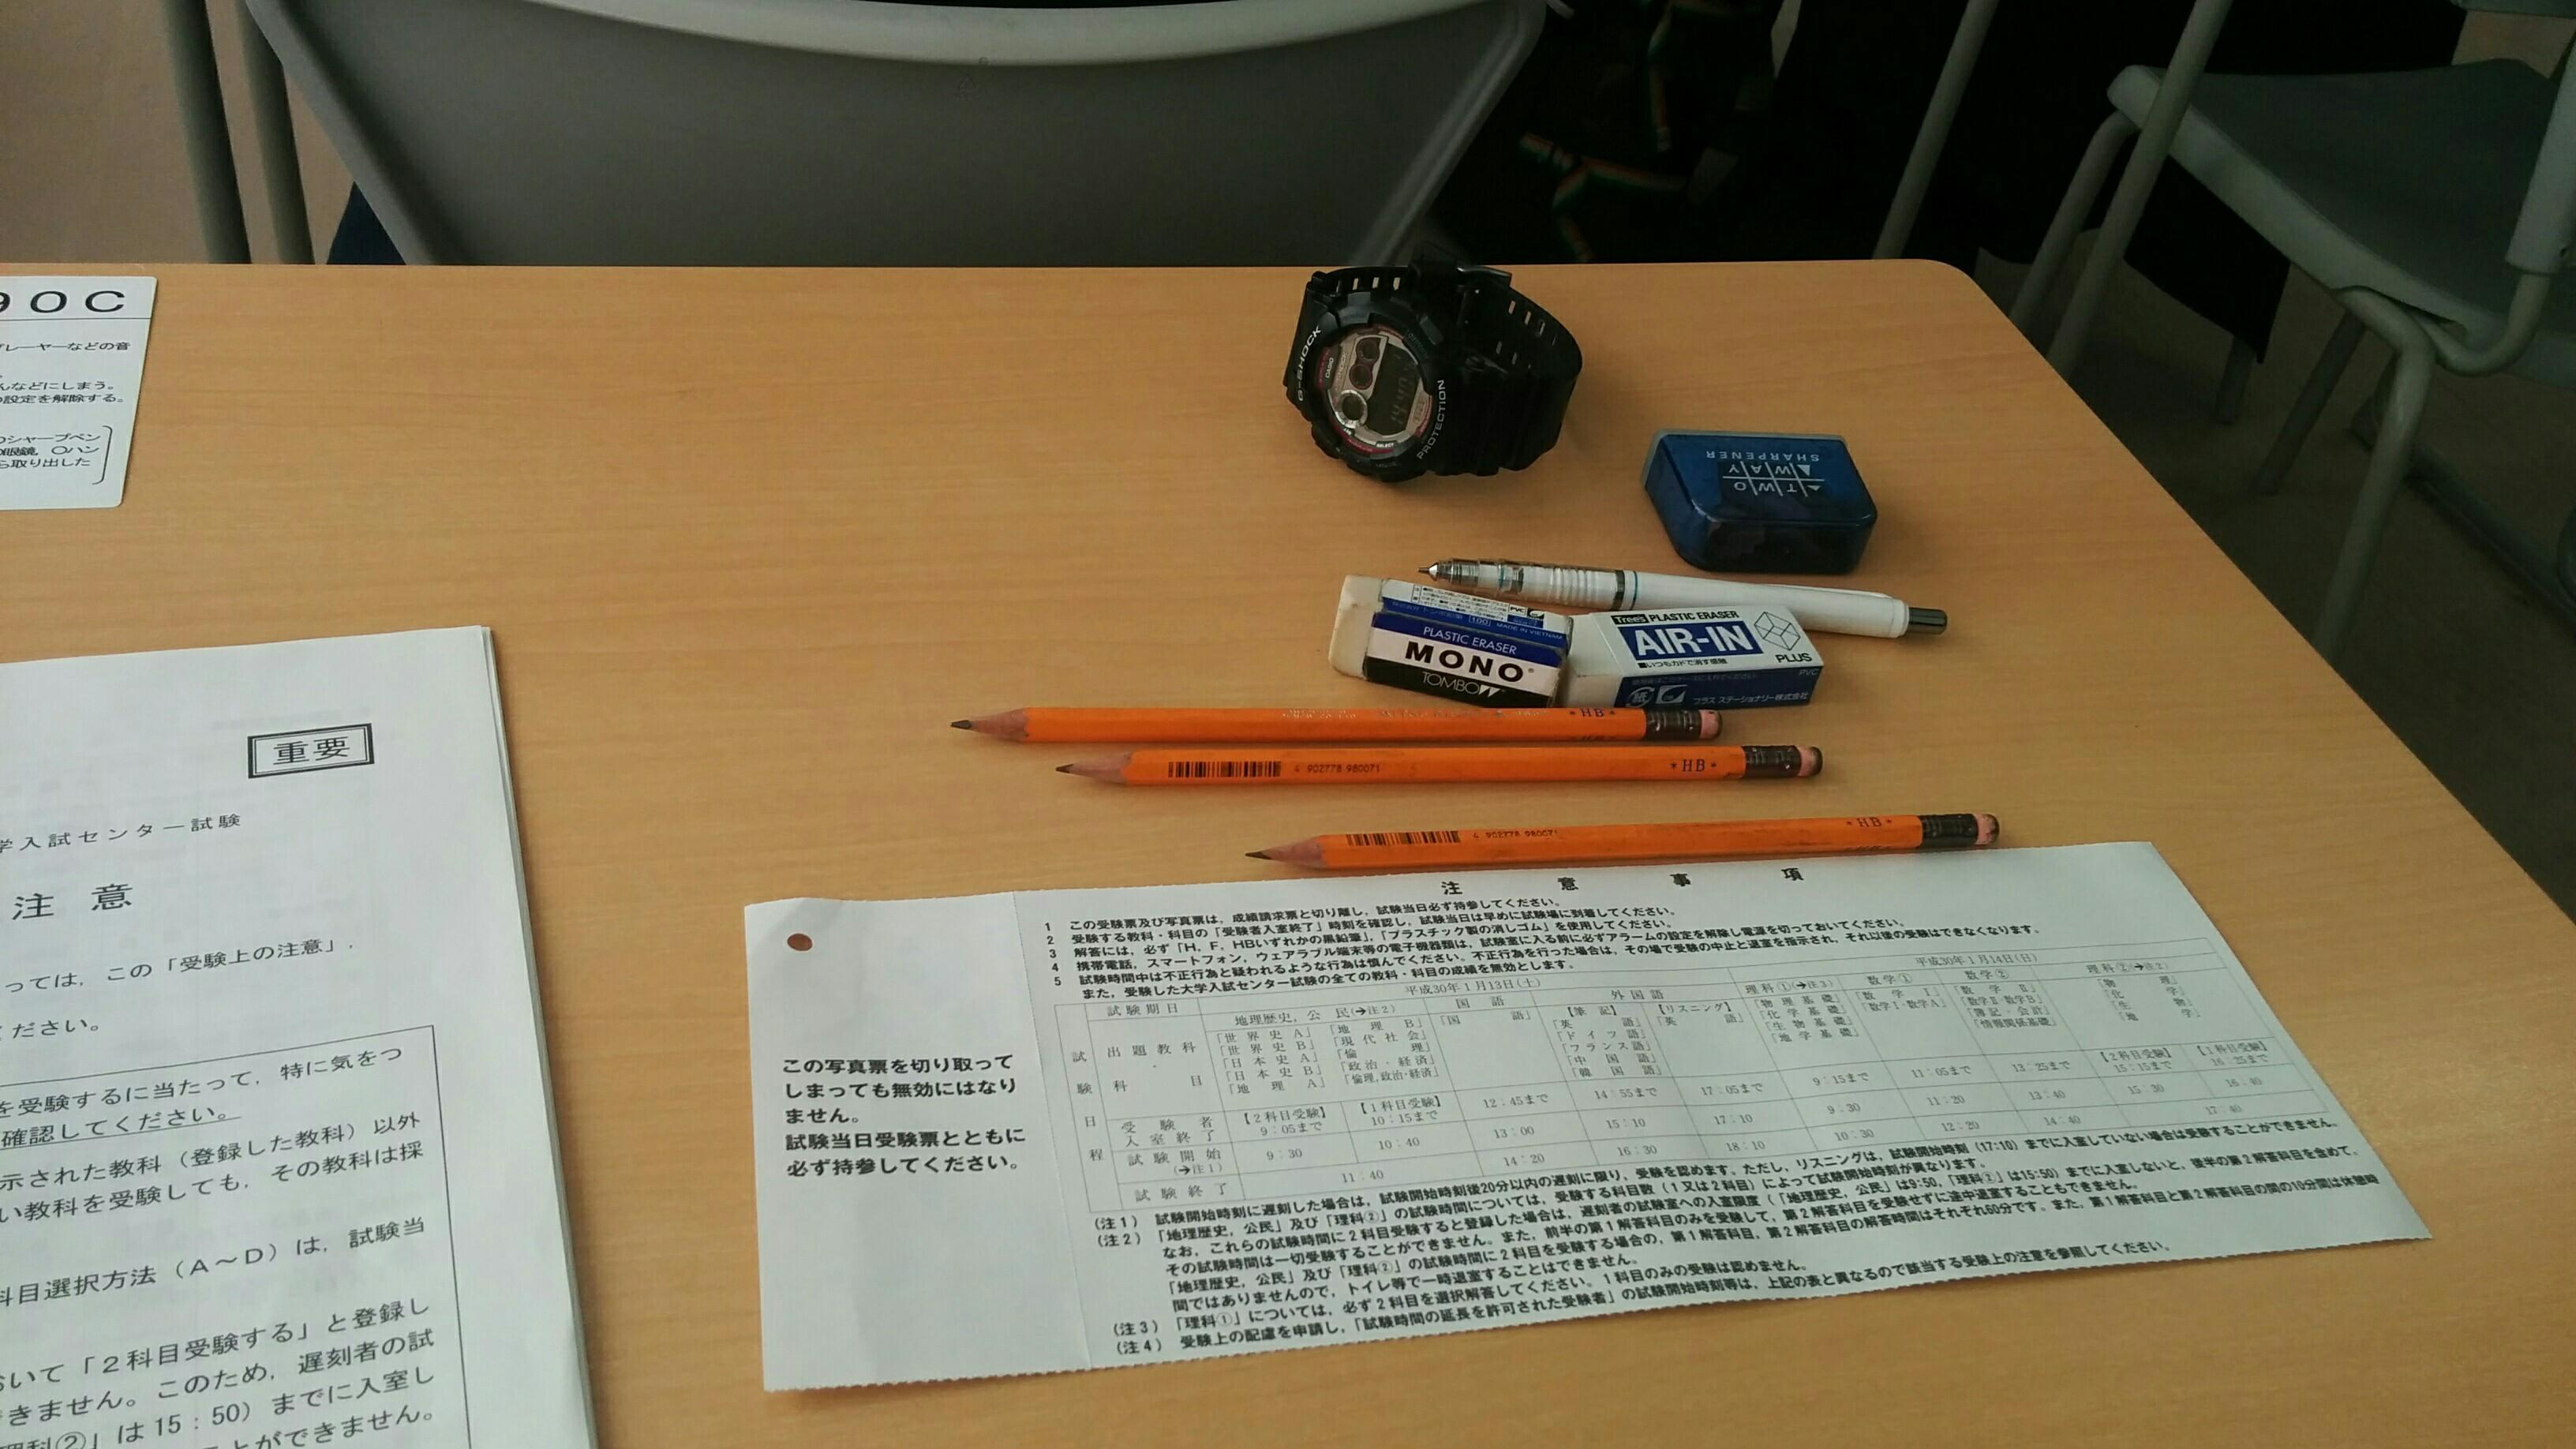 受験票と鉛筆と腕時計など